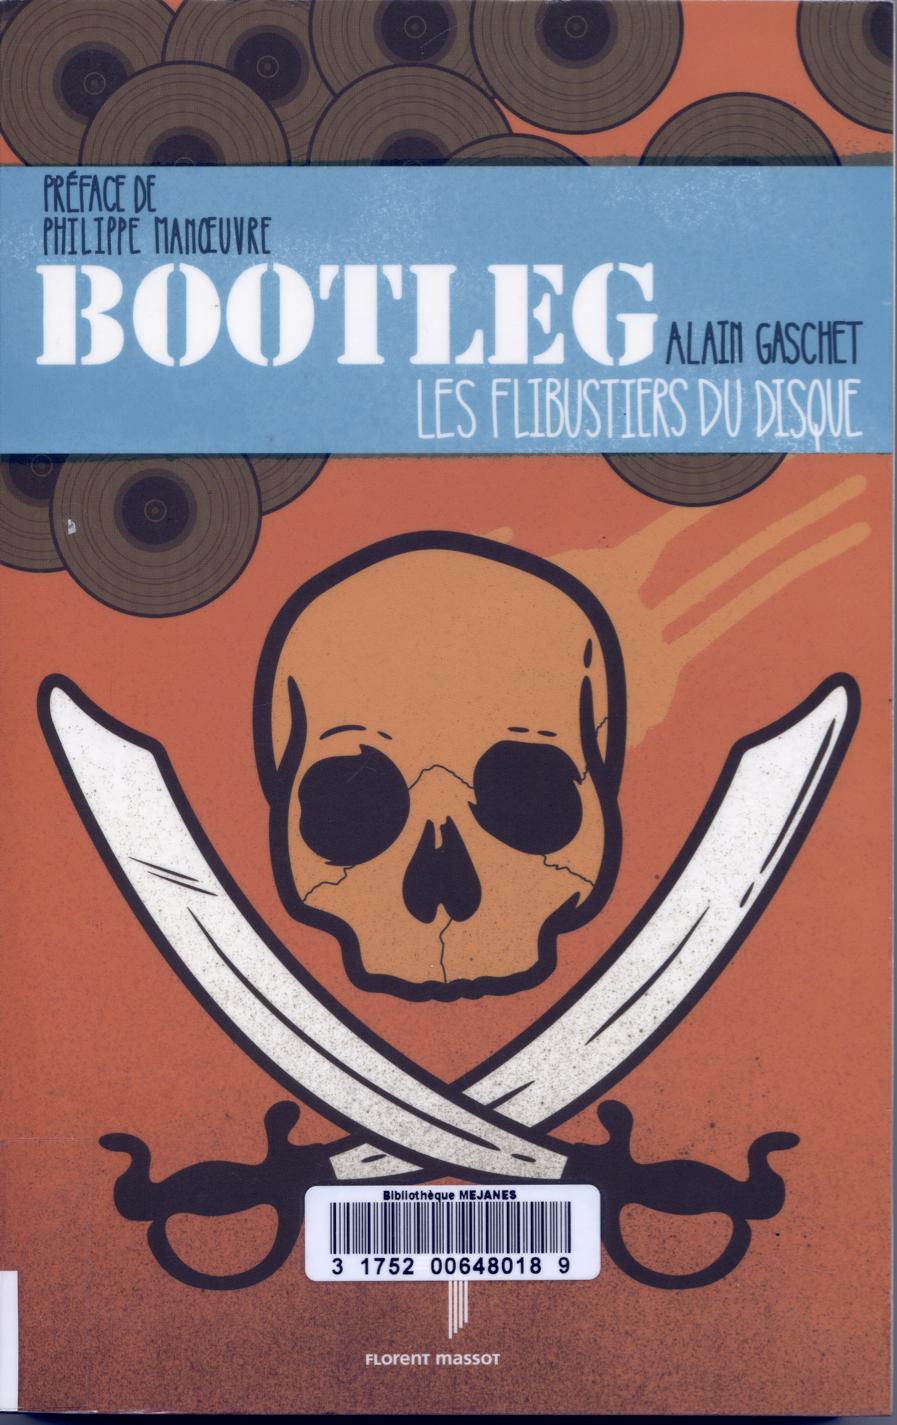 Livre : Bootleg, les flibustiers du disque.